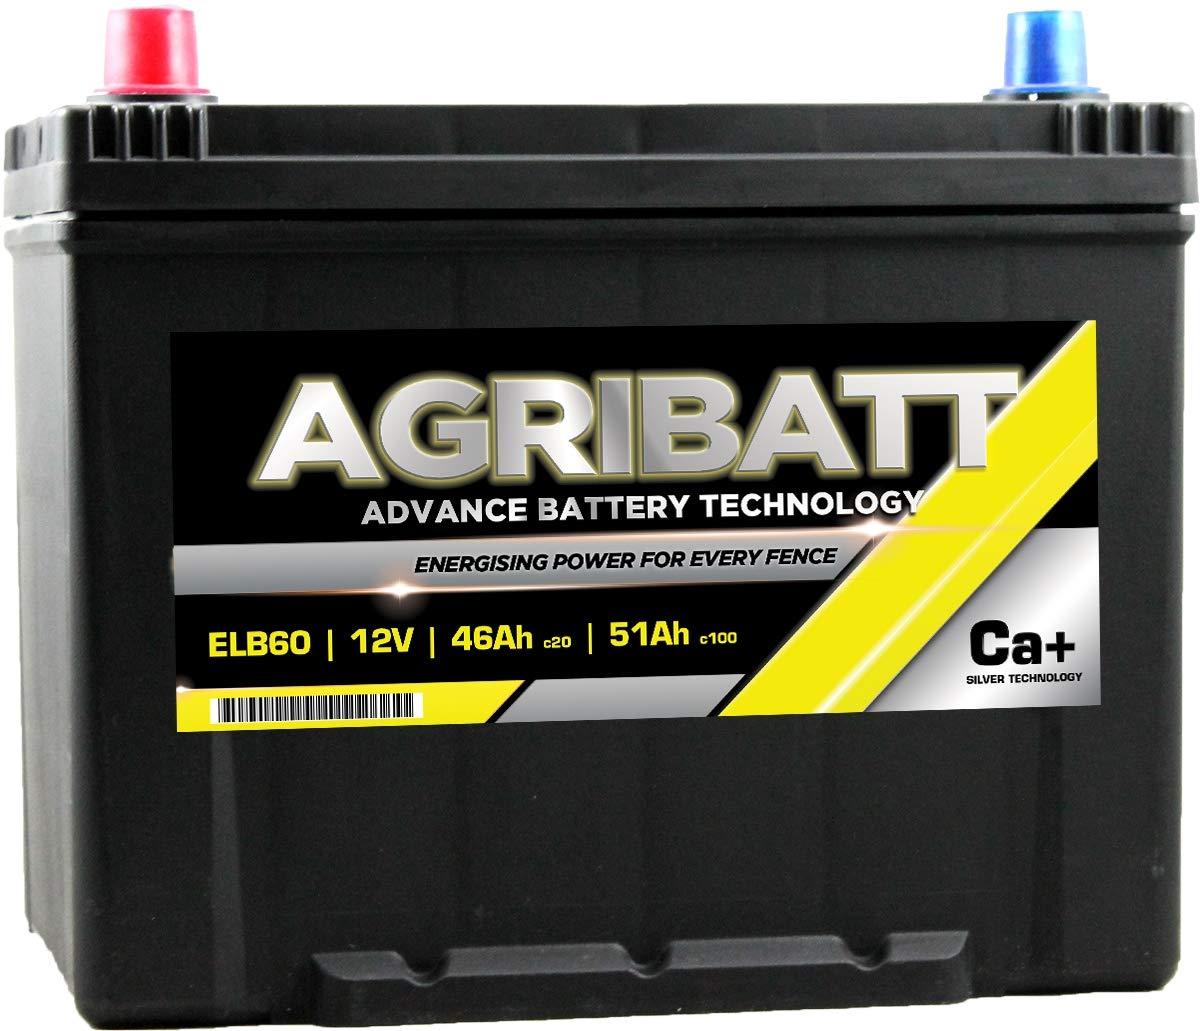 AgriBatt ELB60 Heavy Duty Electric Fence Battery 12V 51Ah c100 AgriBatt-ELB60